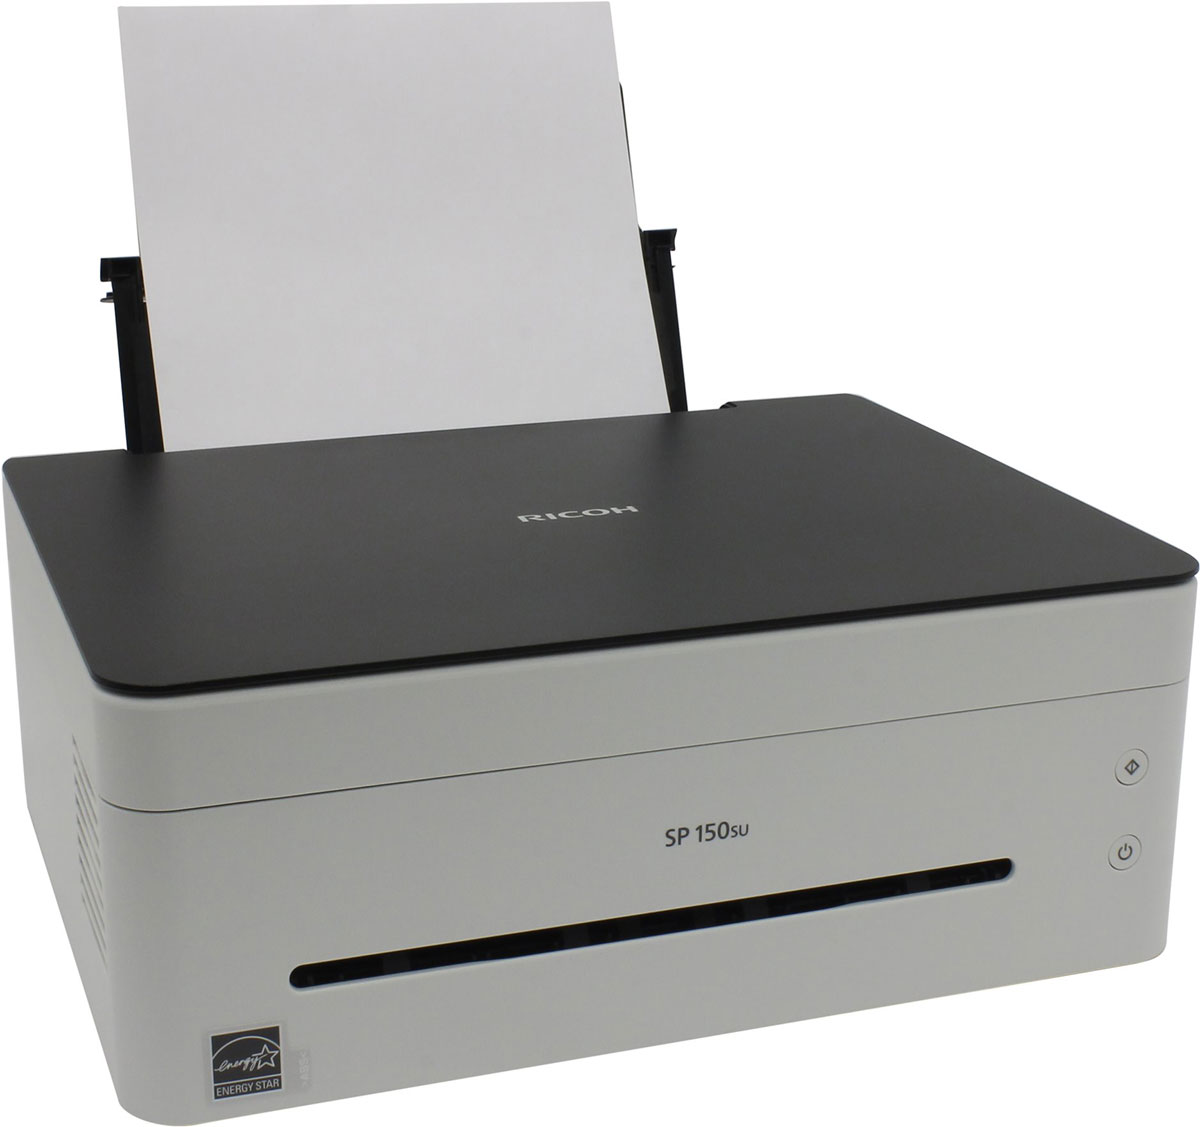 Ricoh SP 150SU МФУ408003МФУ Ricoh SP 150SU сочетает в себе элегантный дизайн, интуитивно понятное управление и скорость печати 22 страницы в минуту. Простота установки драйвера с автозапуском виртуальной панели управления позволяет начать работу практически сразу. Функции принтера, копира и цветного сканера обеспечат всю работу с документами как в небольшом офисе, так и дома. Простота, удобство, функциональность, скорость, качество и надежность — все это в компактном корпусе на вашем столе. Функции печати, копирования и сканирования в одном элегантном корпусе, который занимает минимум места на рабочем столе. Виртуальная панель управления с ПК обеспечивает удобную интуитивно понятную работу. Картридж все в одном можно заменить буквально одним движением. Все быстро, просто и надежно.Уважаемые клиенты!Обращаем ваше внимание на то, что картридж в комплекте не идет.Струйный или лазерный принтер: какой лучше? Статья OZON Гид